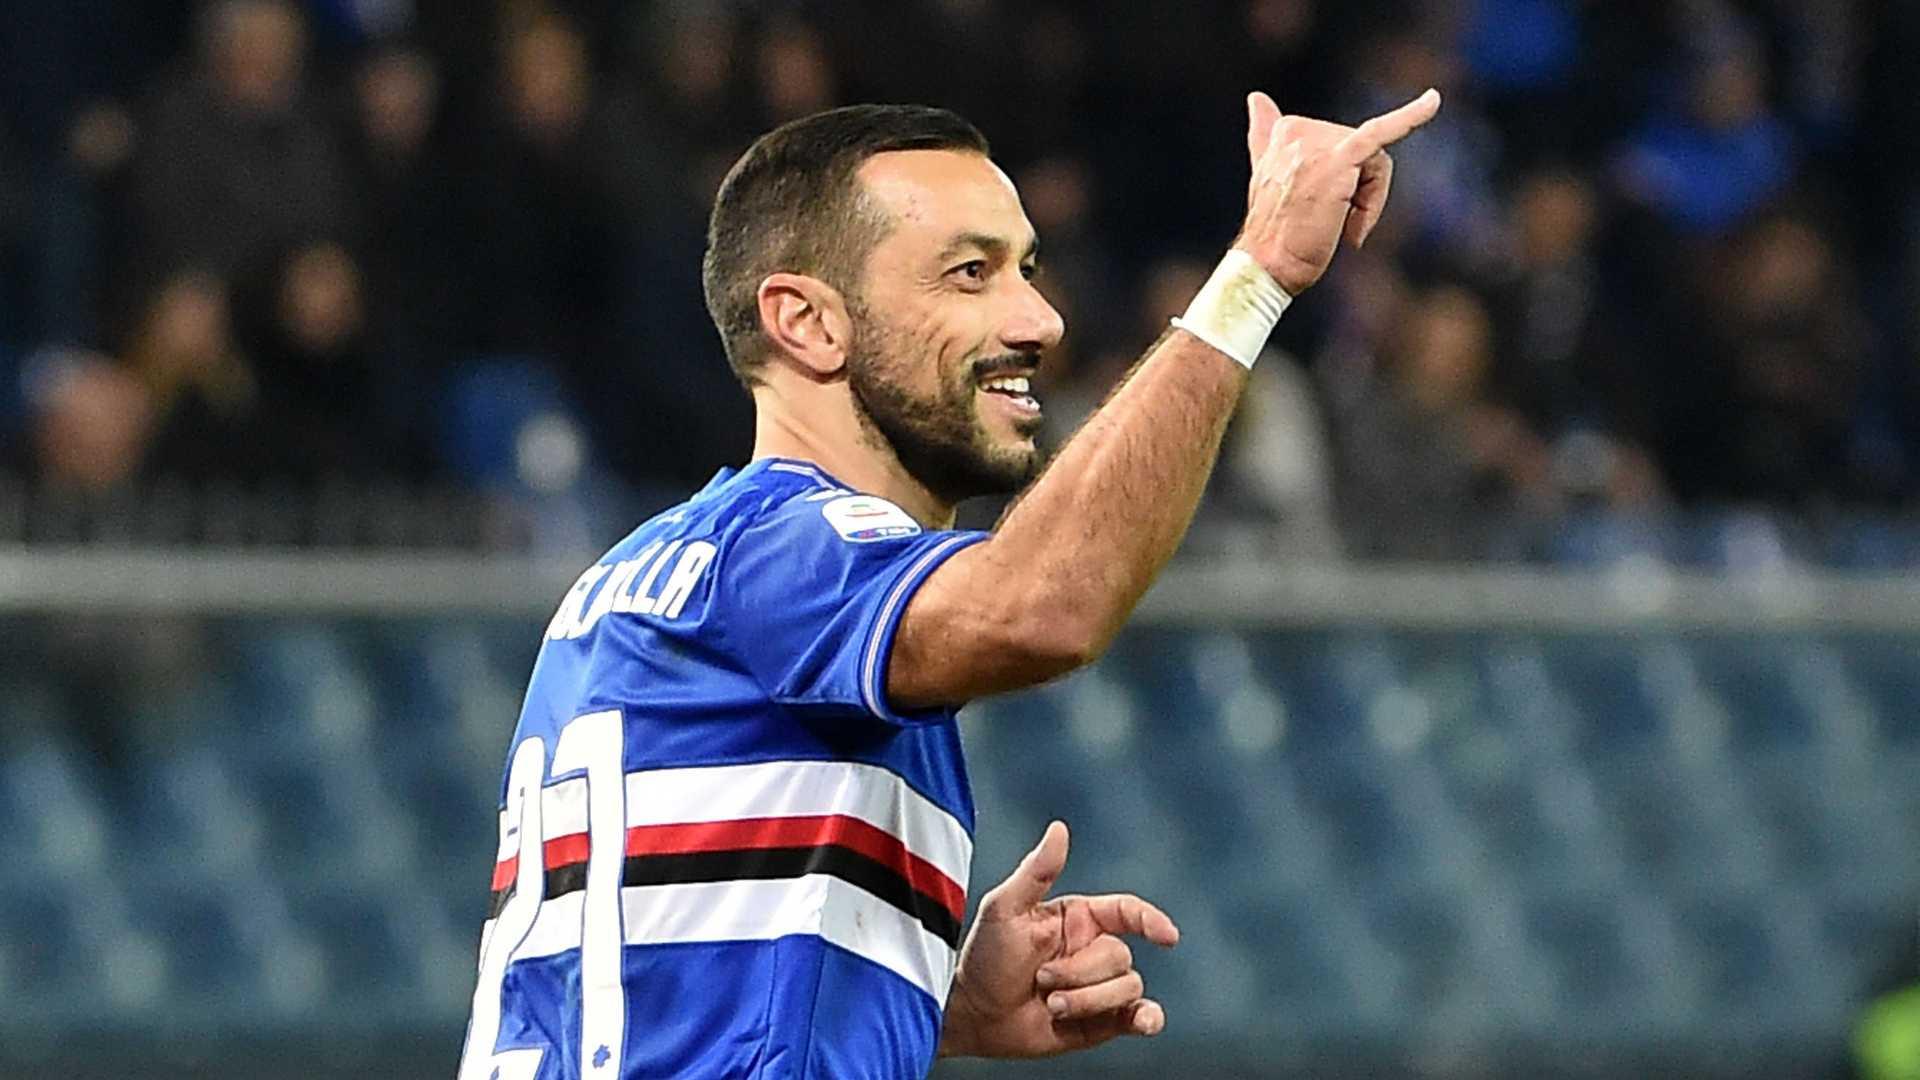 Le pagelle di Sampdoria-Fiorentina (2-1): la spunta Ranieri